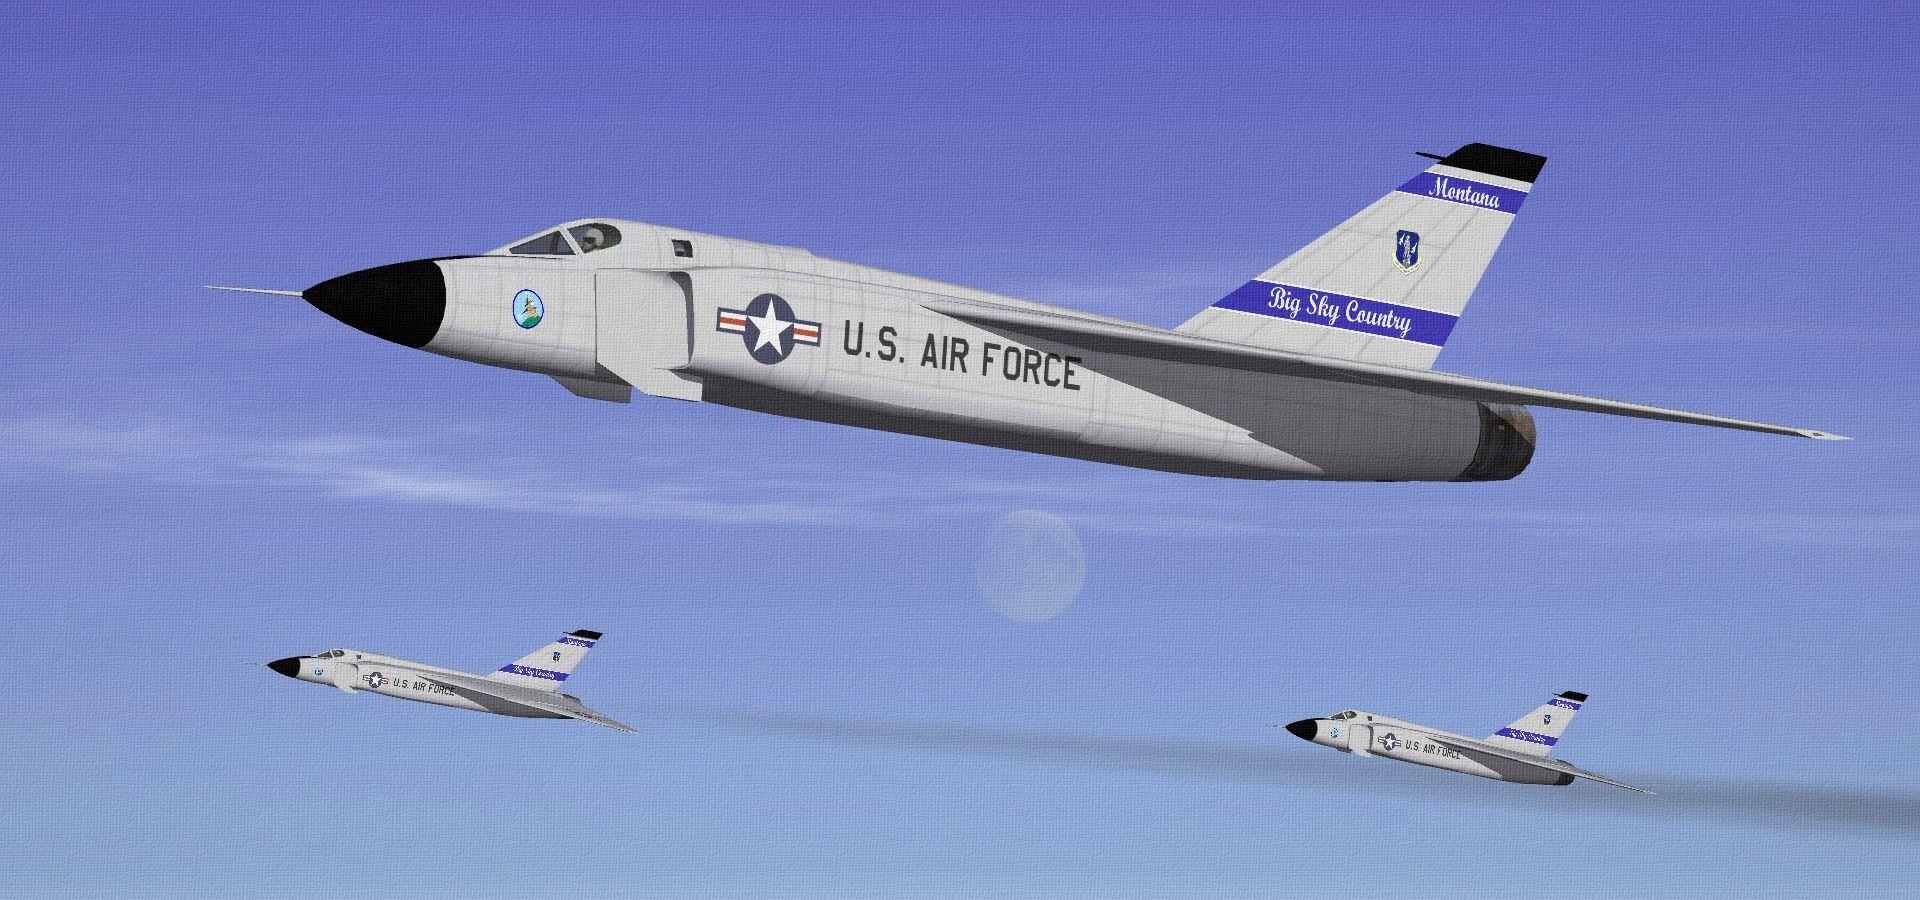 USAFCF-105ARROW05.jpg